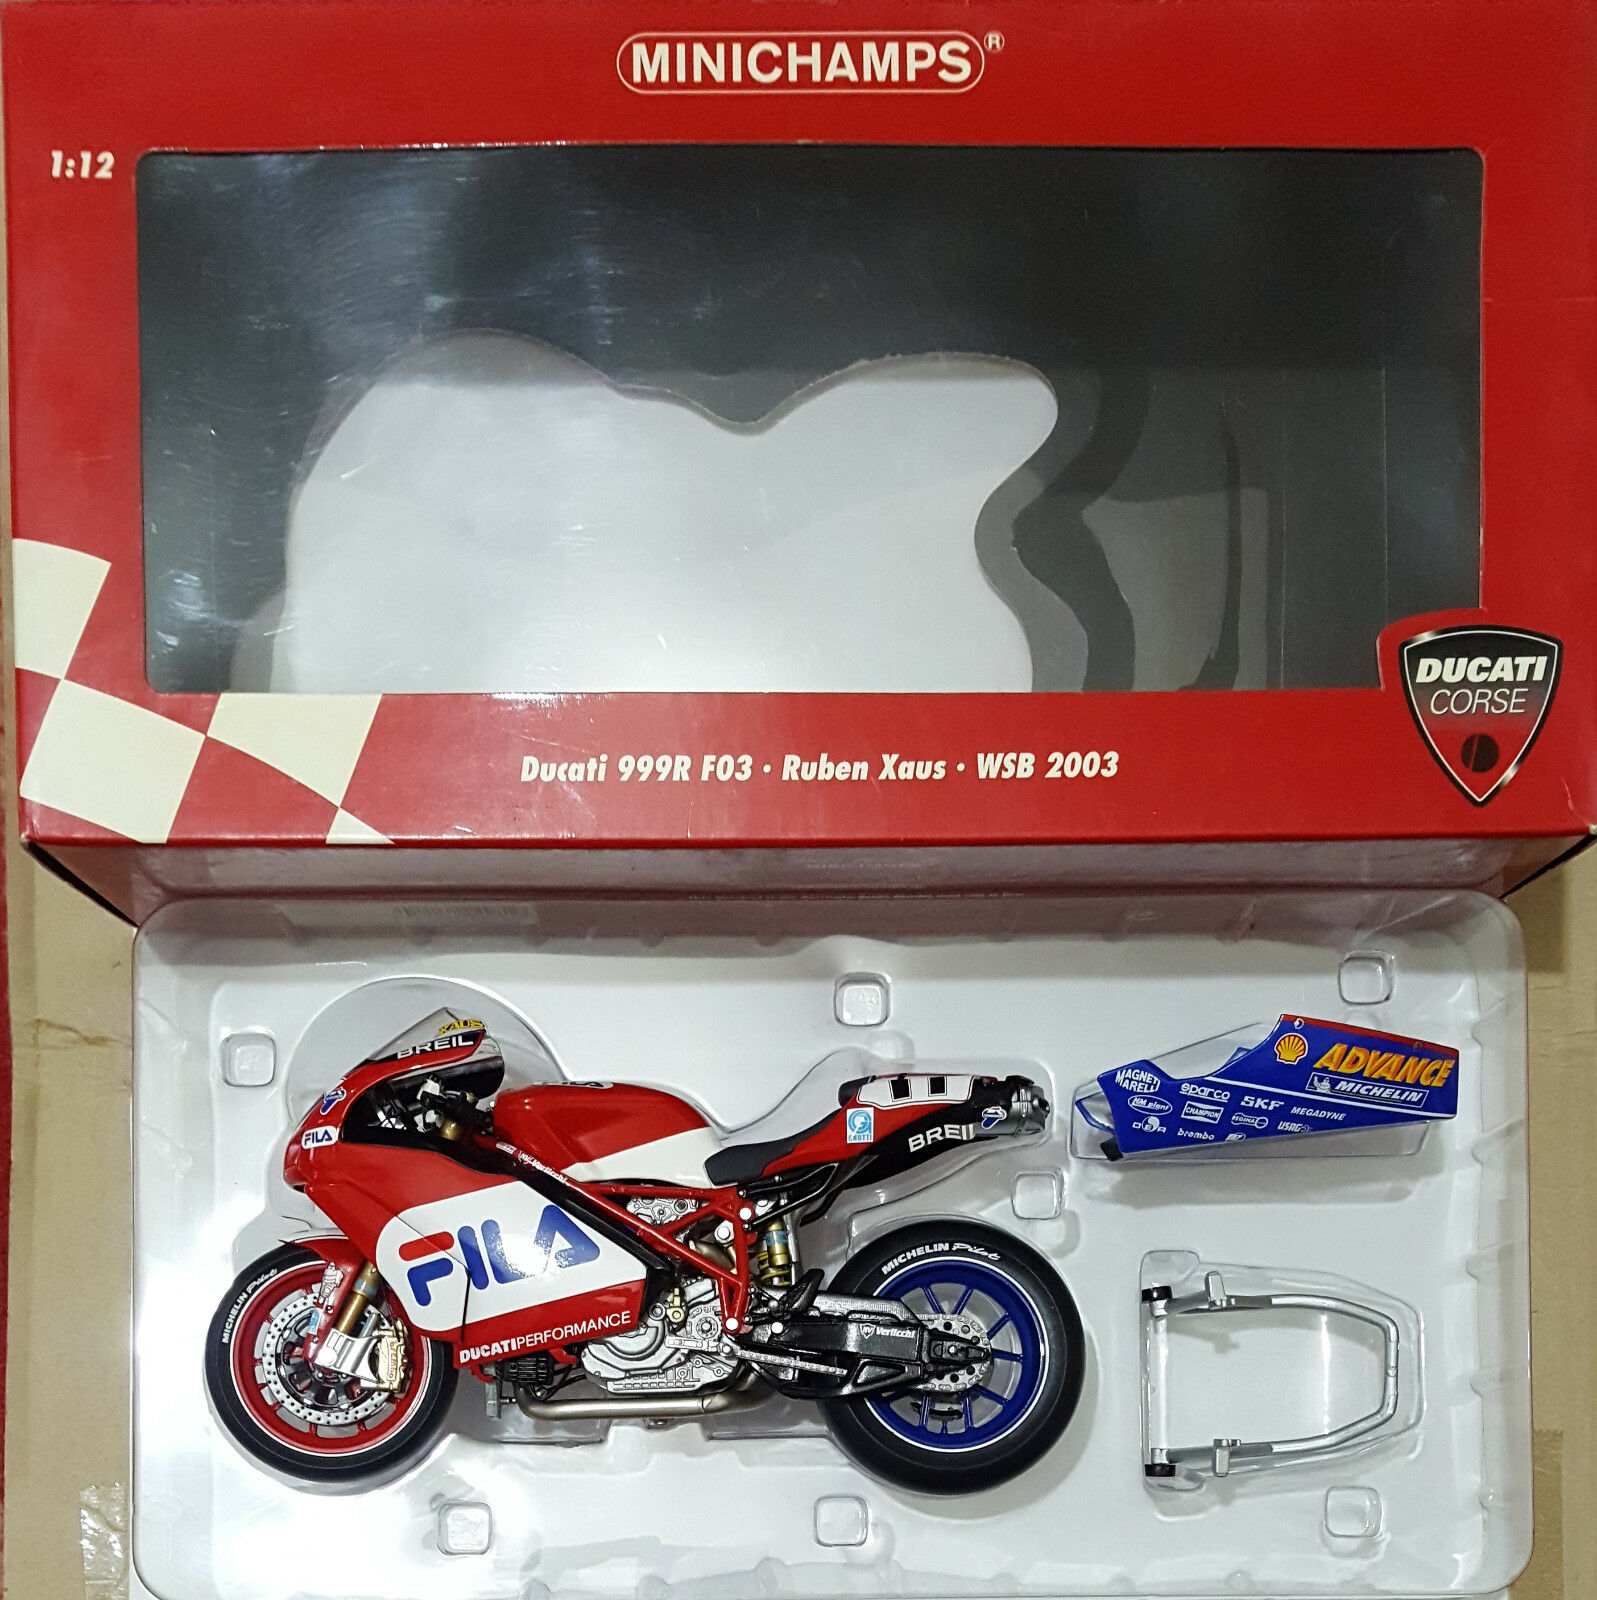 MINICHAMPS Ducati 999R F03 WSB Ruben Xaus Team Fila 2003 VERY RARE